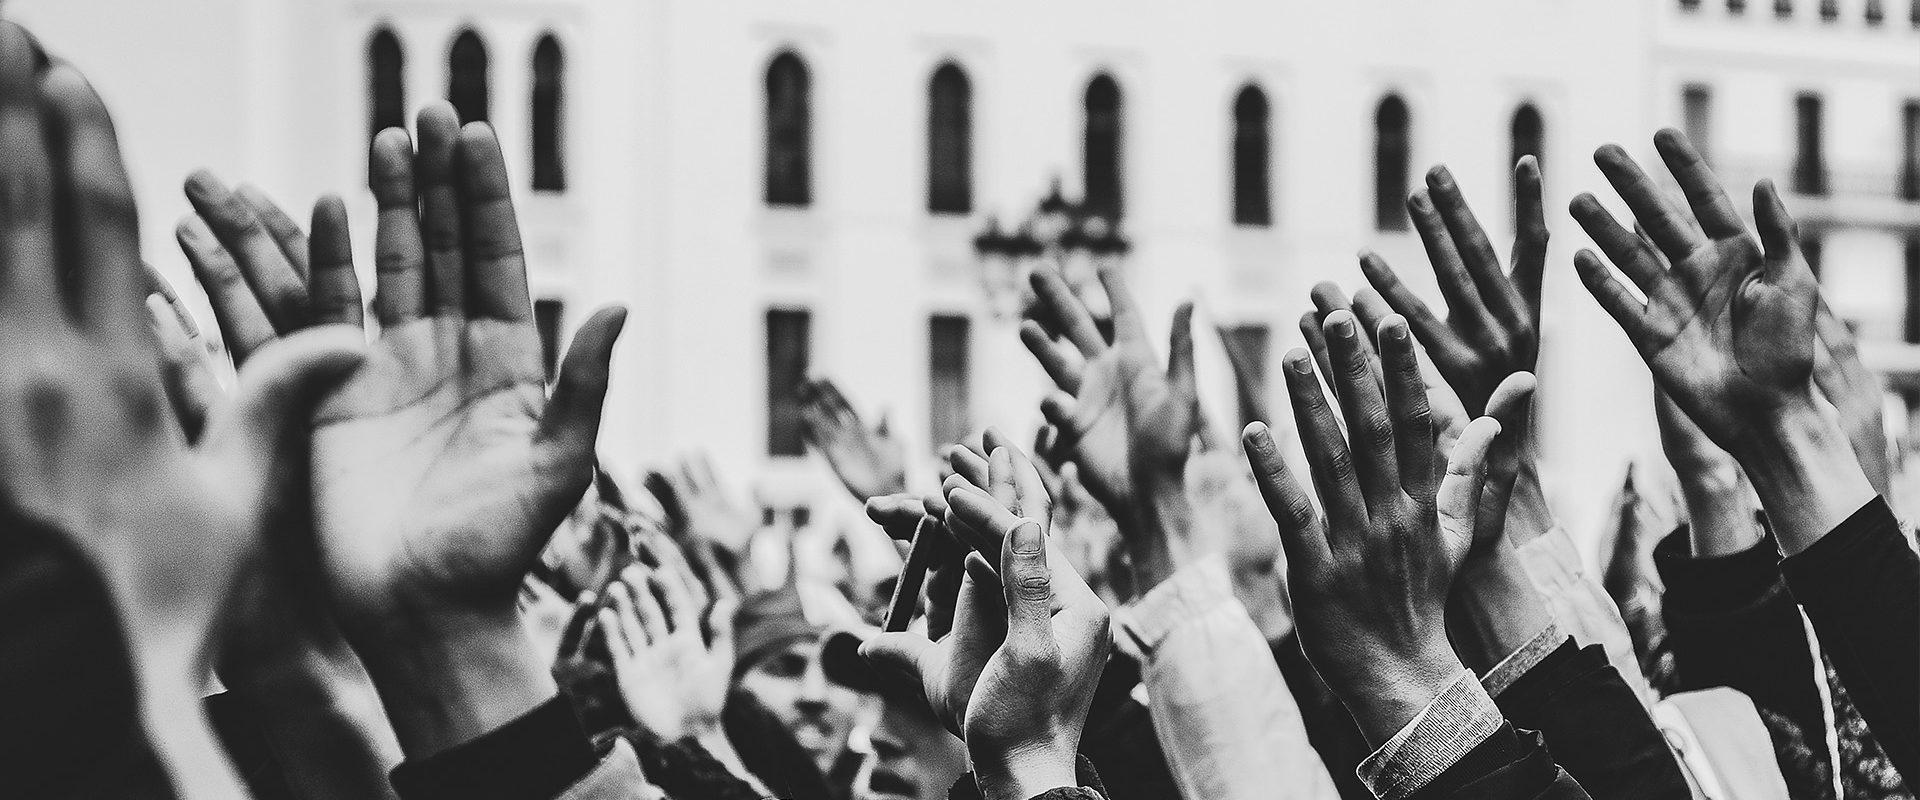 Algérie, quand les ultras révolutionnent